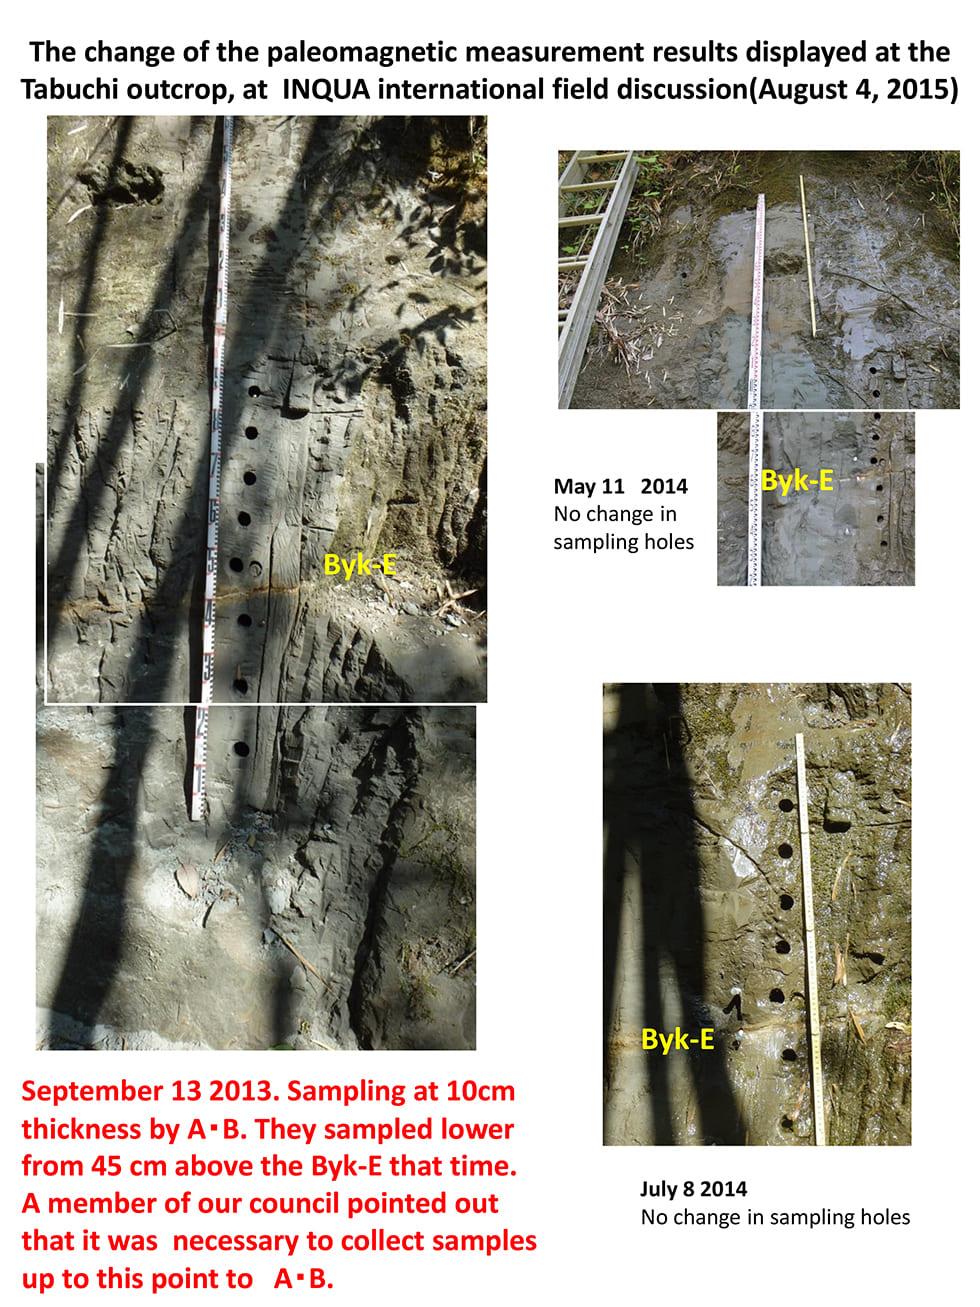 2013年9月13日。O・Sにより、10cm間隔のサンプリングがされる。この時はByk-Eの上45cmから下方をサンプリングした。Byk-Eの上45cmよりさらに上方の試料を採取する必要があることを協議会メンバー及び他の研究者がO・Sへ指摘した。 2014年5月 11日の様子 (試料採取孔に変化なし) 2014年7月8日の様子 (試料採取孔に変化なし) Byk-E Byk-E Byk-E INQUA